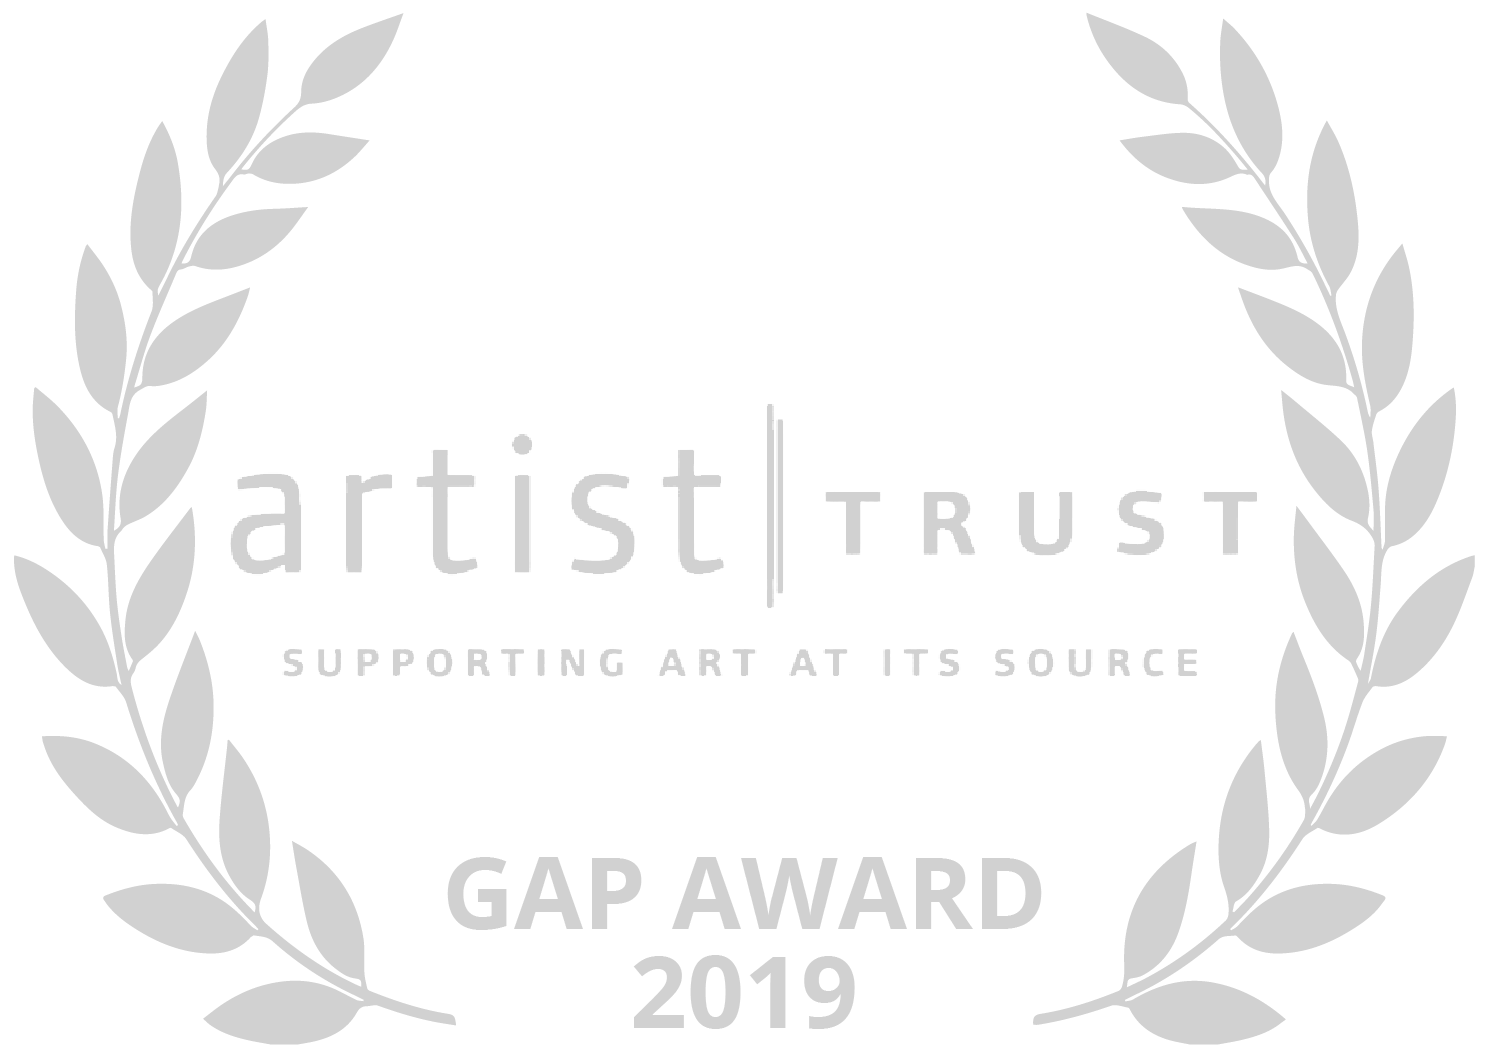 Artist Trust GAP Award 2019